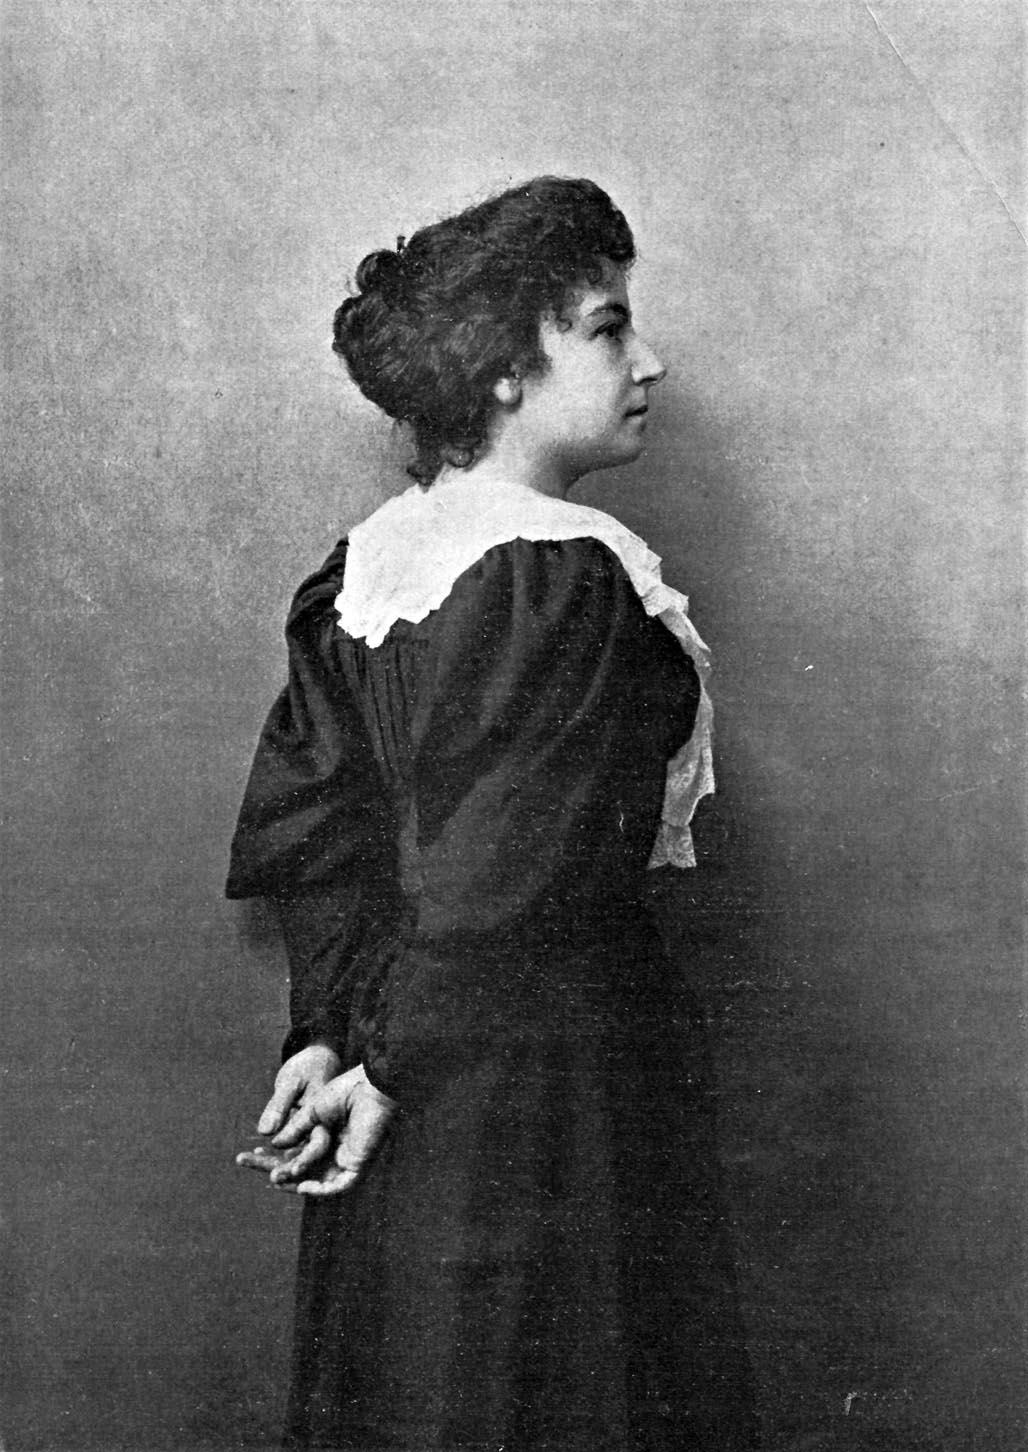 Vittoria Aganoor